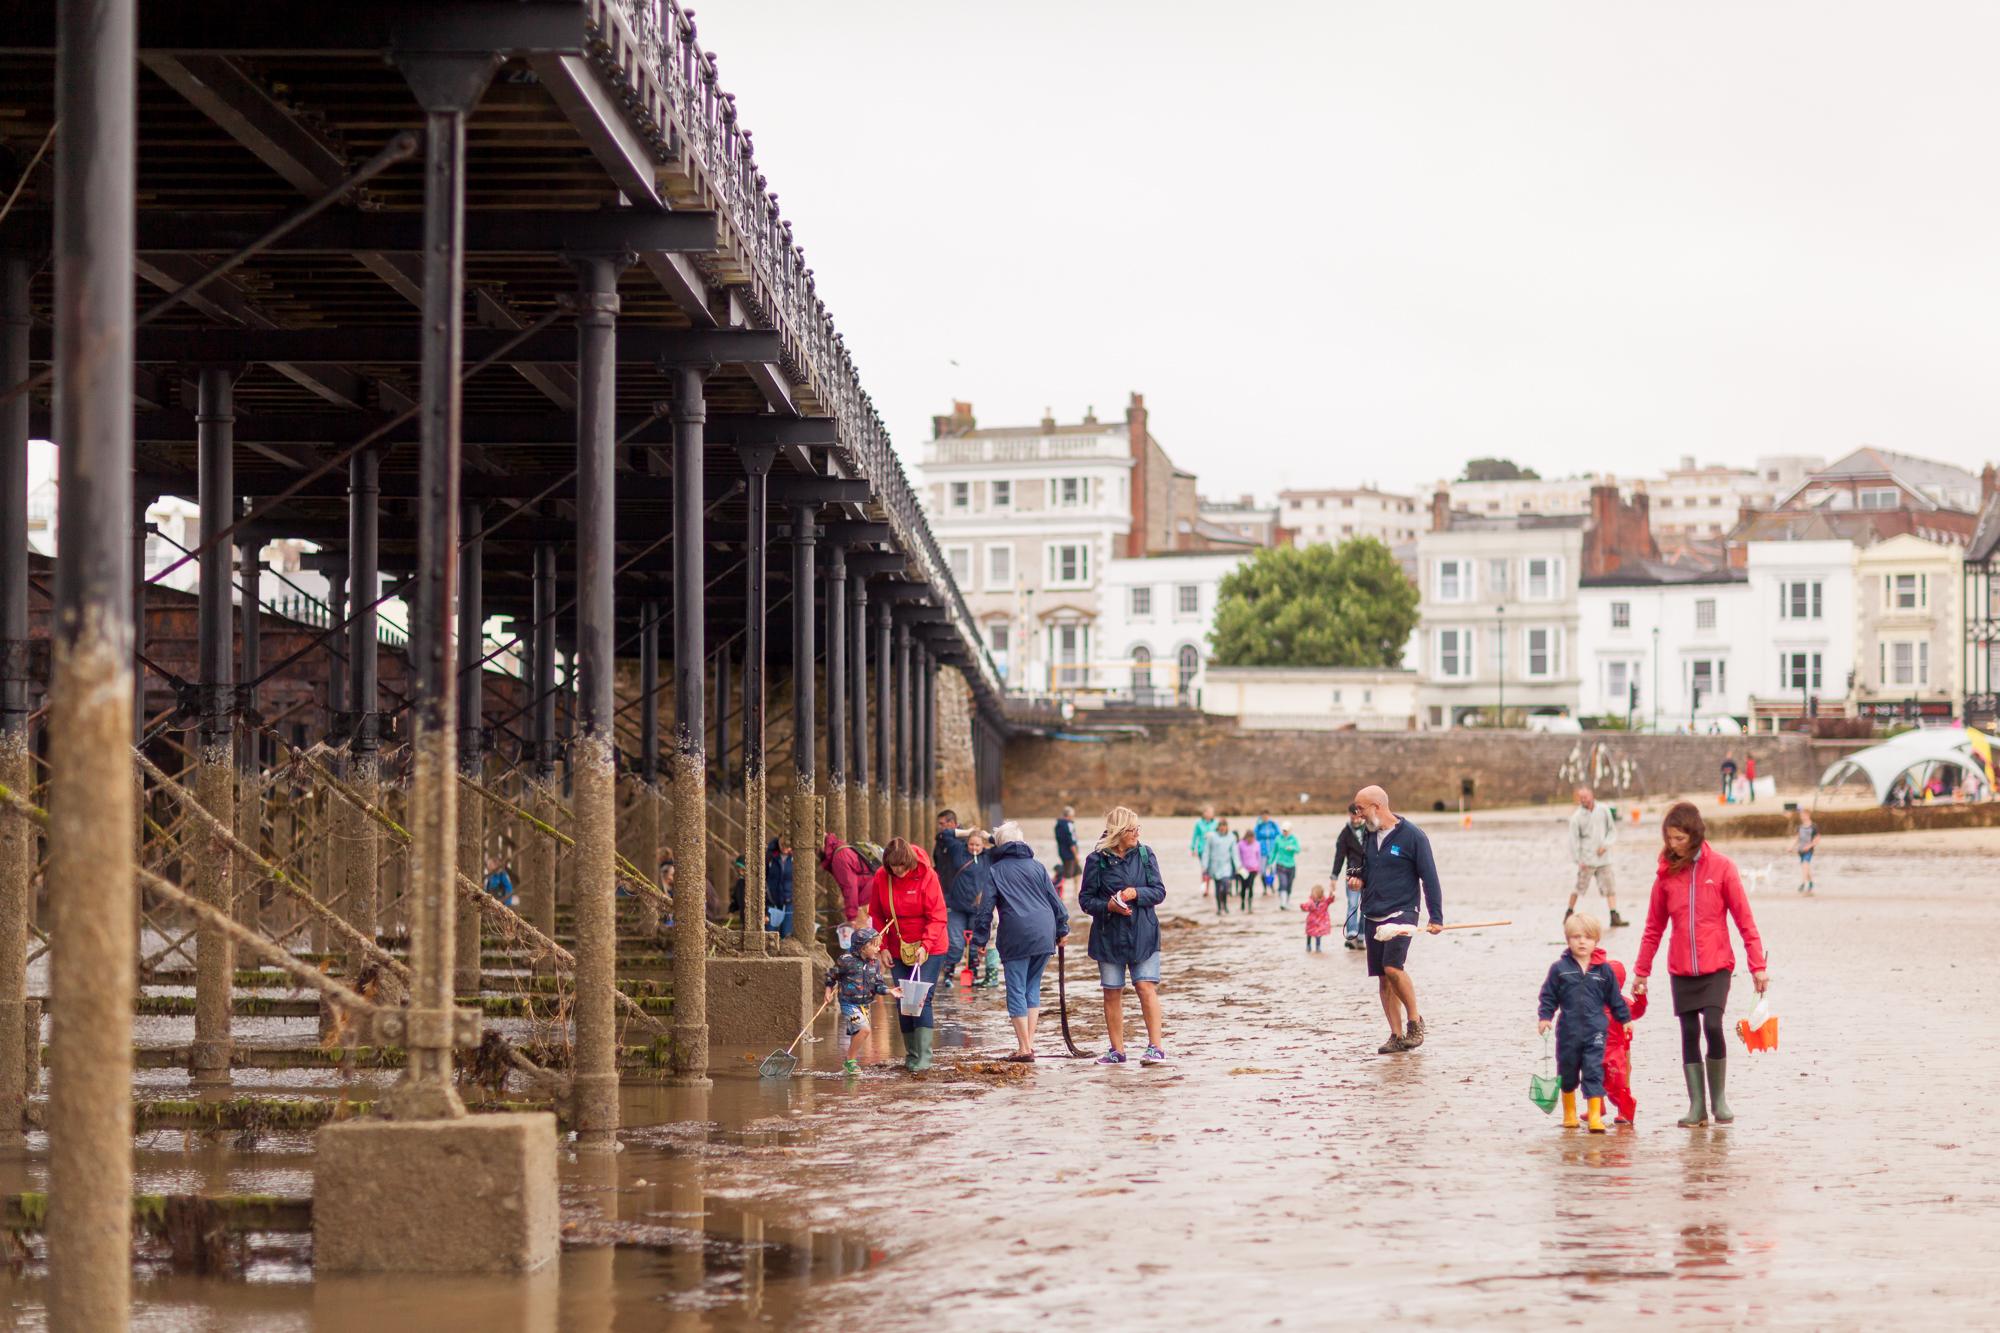 Under The Pier 2016 Image Julian Winslow (39).jpg